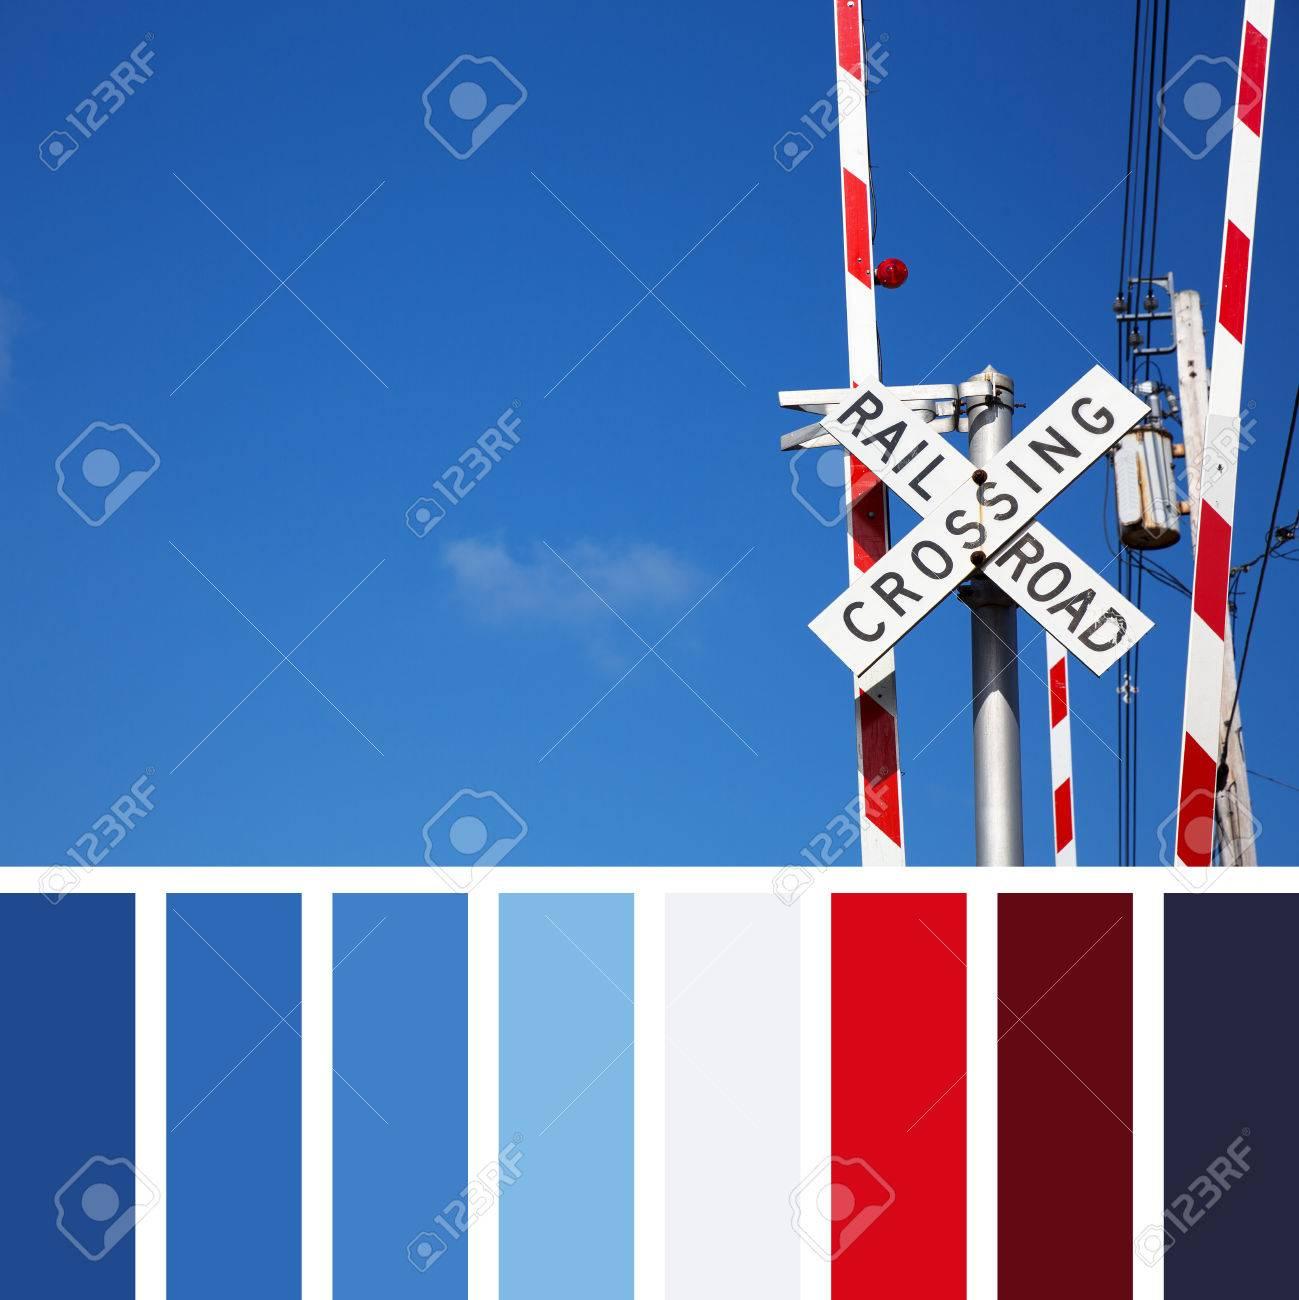 Railroad Crossing Sign Fond De Ciel Bleu Dans Une Palette De